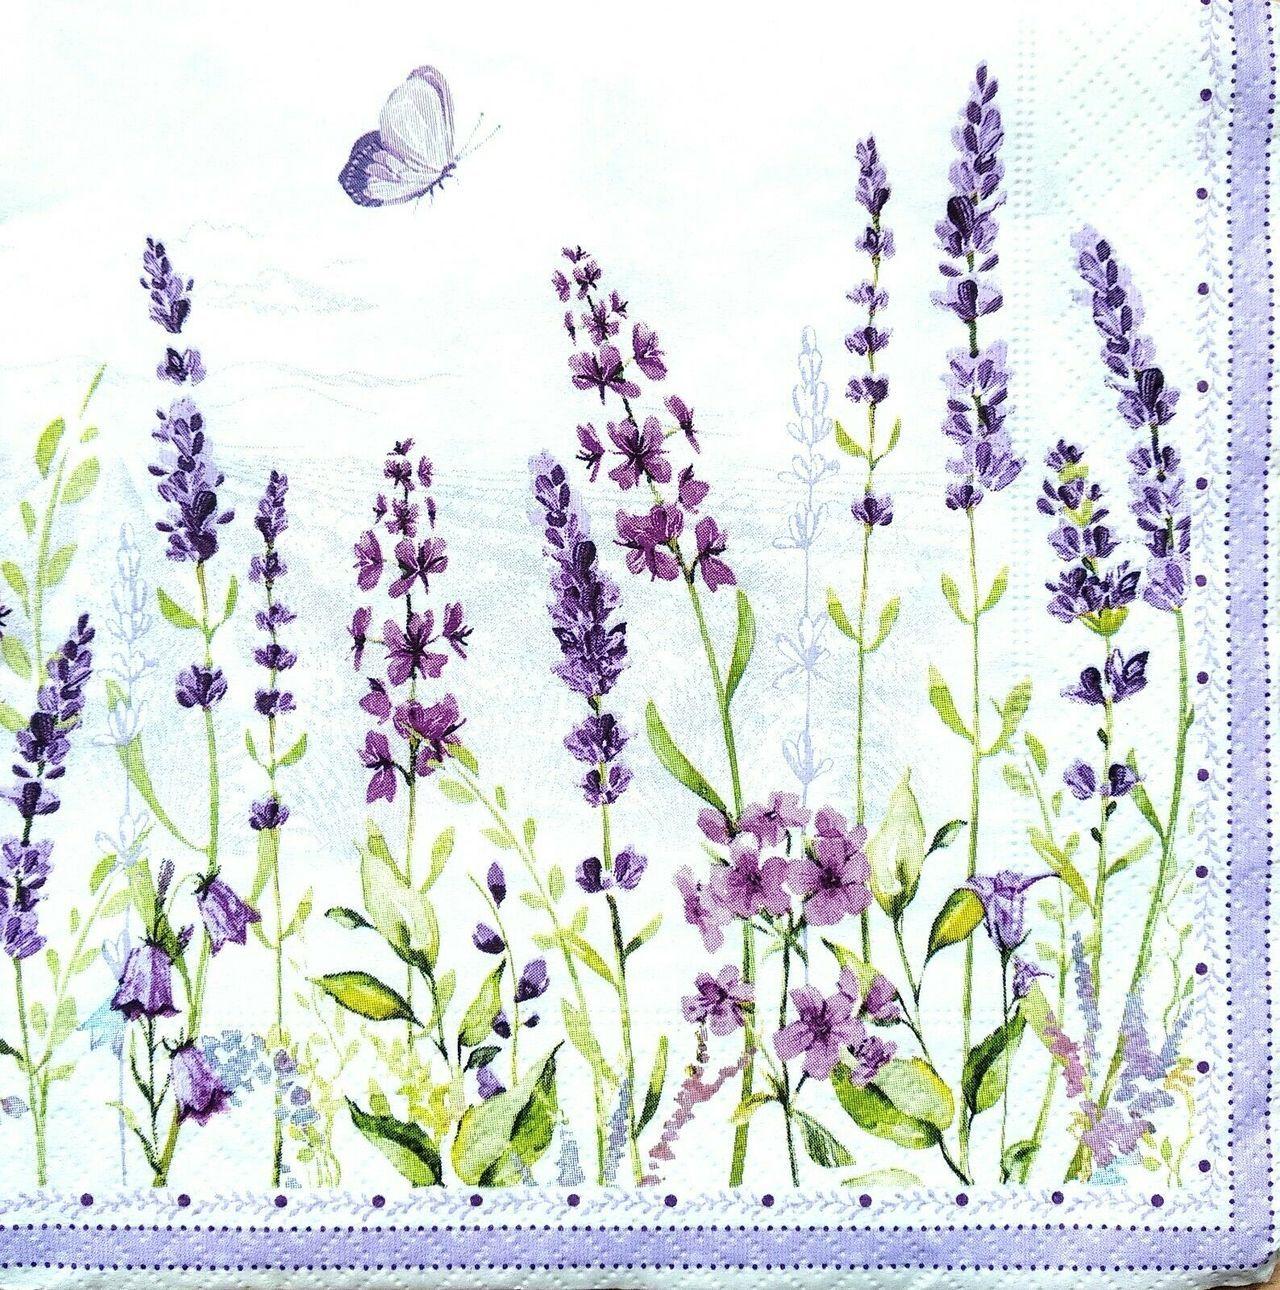 4 Single Lunch Paper Napkins Vintage - Flowers Lavender Summer 1